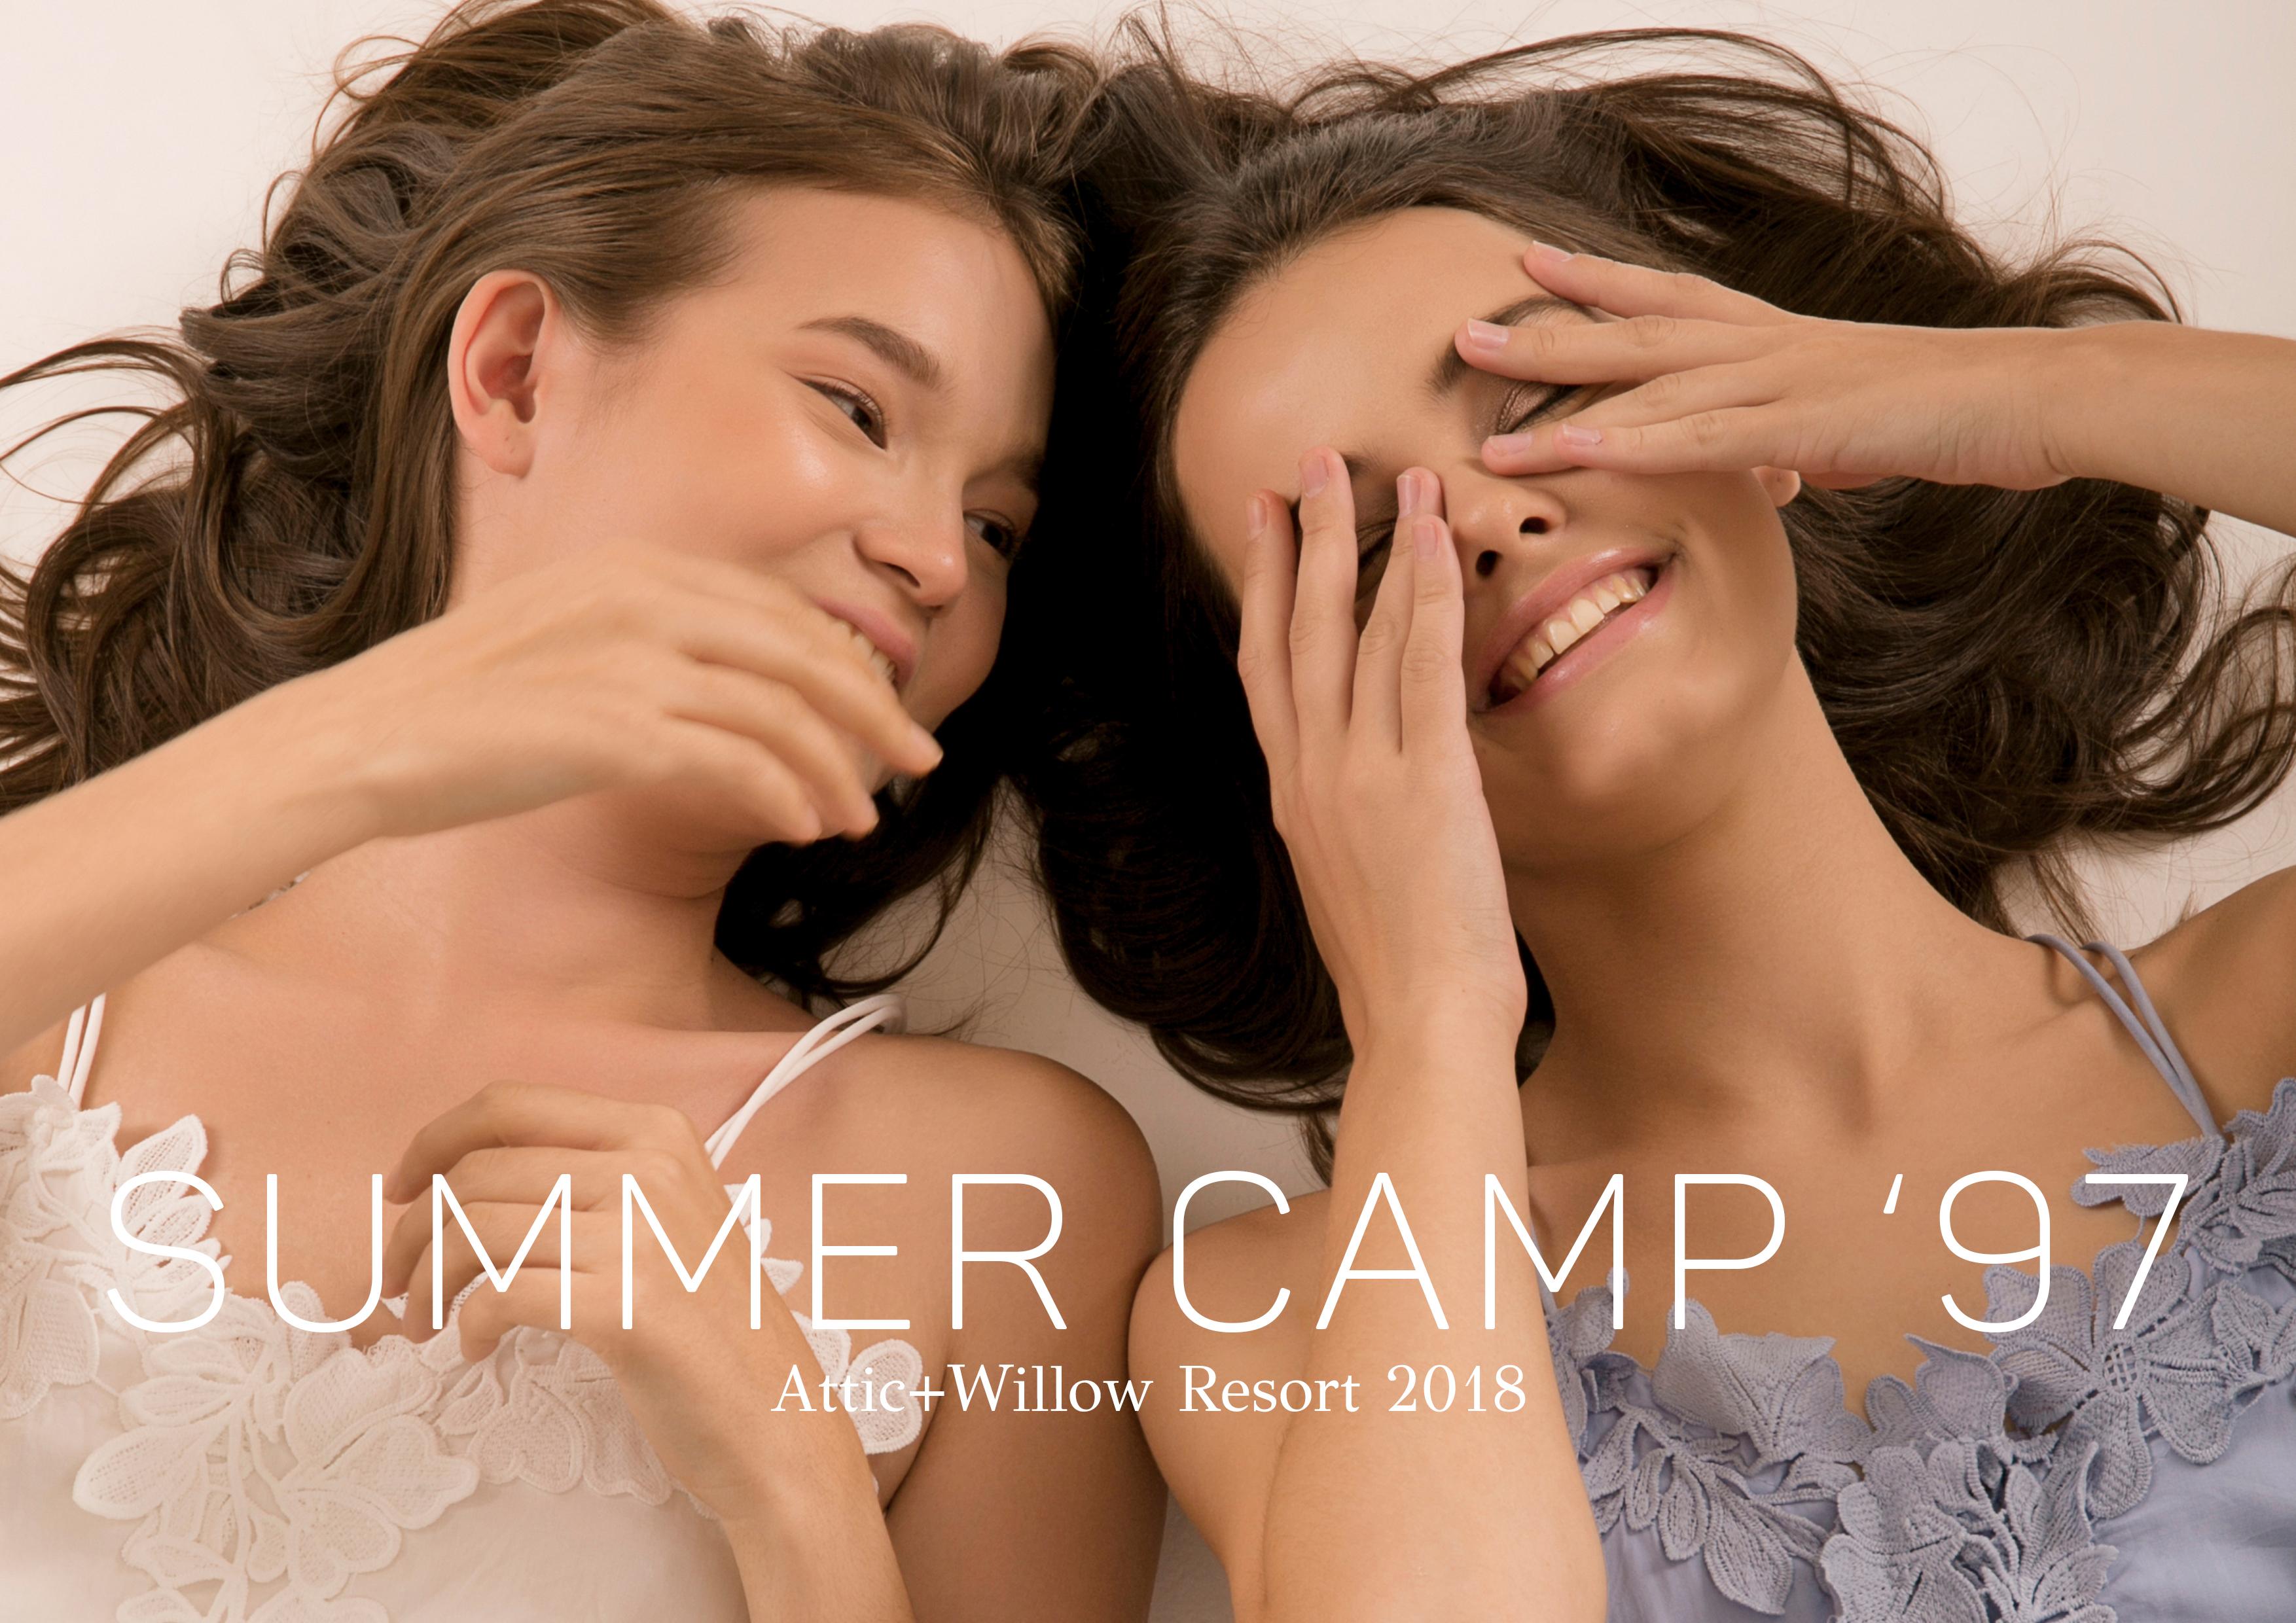 Summer Camp'97 - Resort 2018